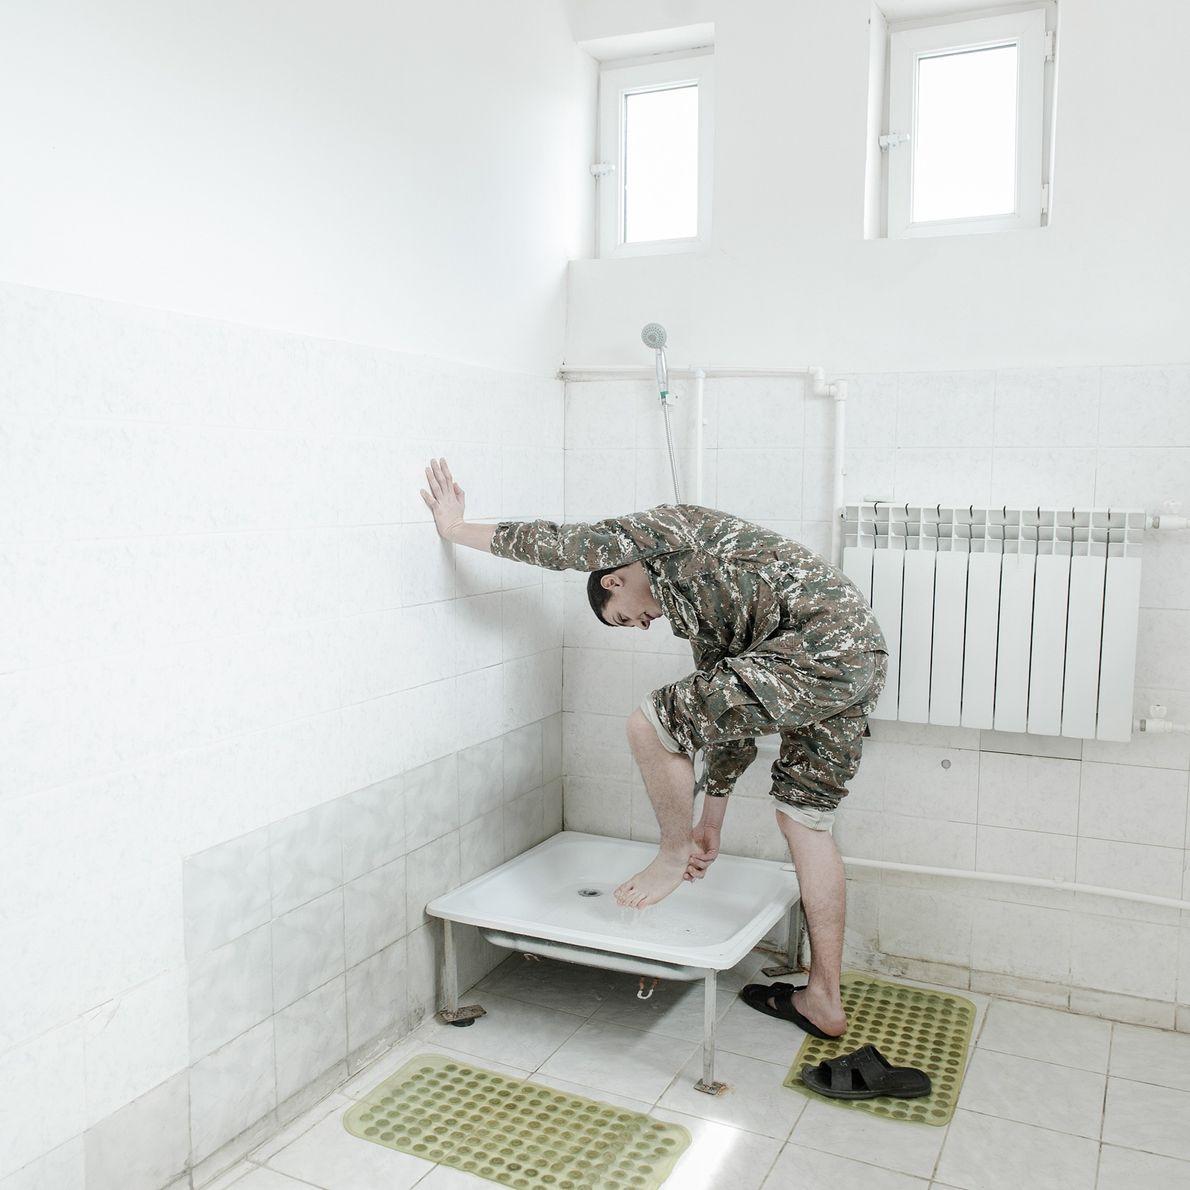 Après les cours et l'entraînement, un jeune soldat lave ses pieds dans la salle de bain ...